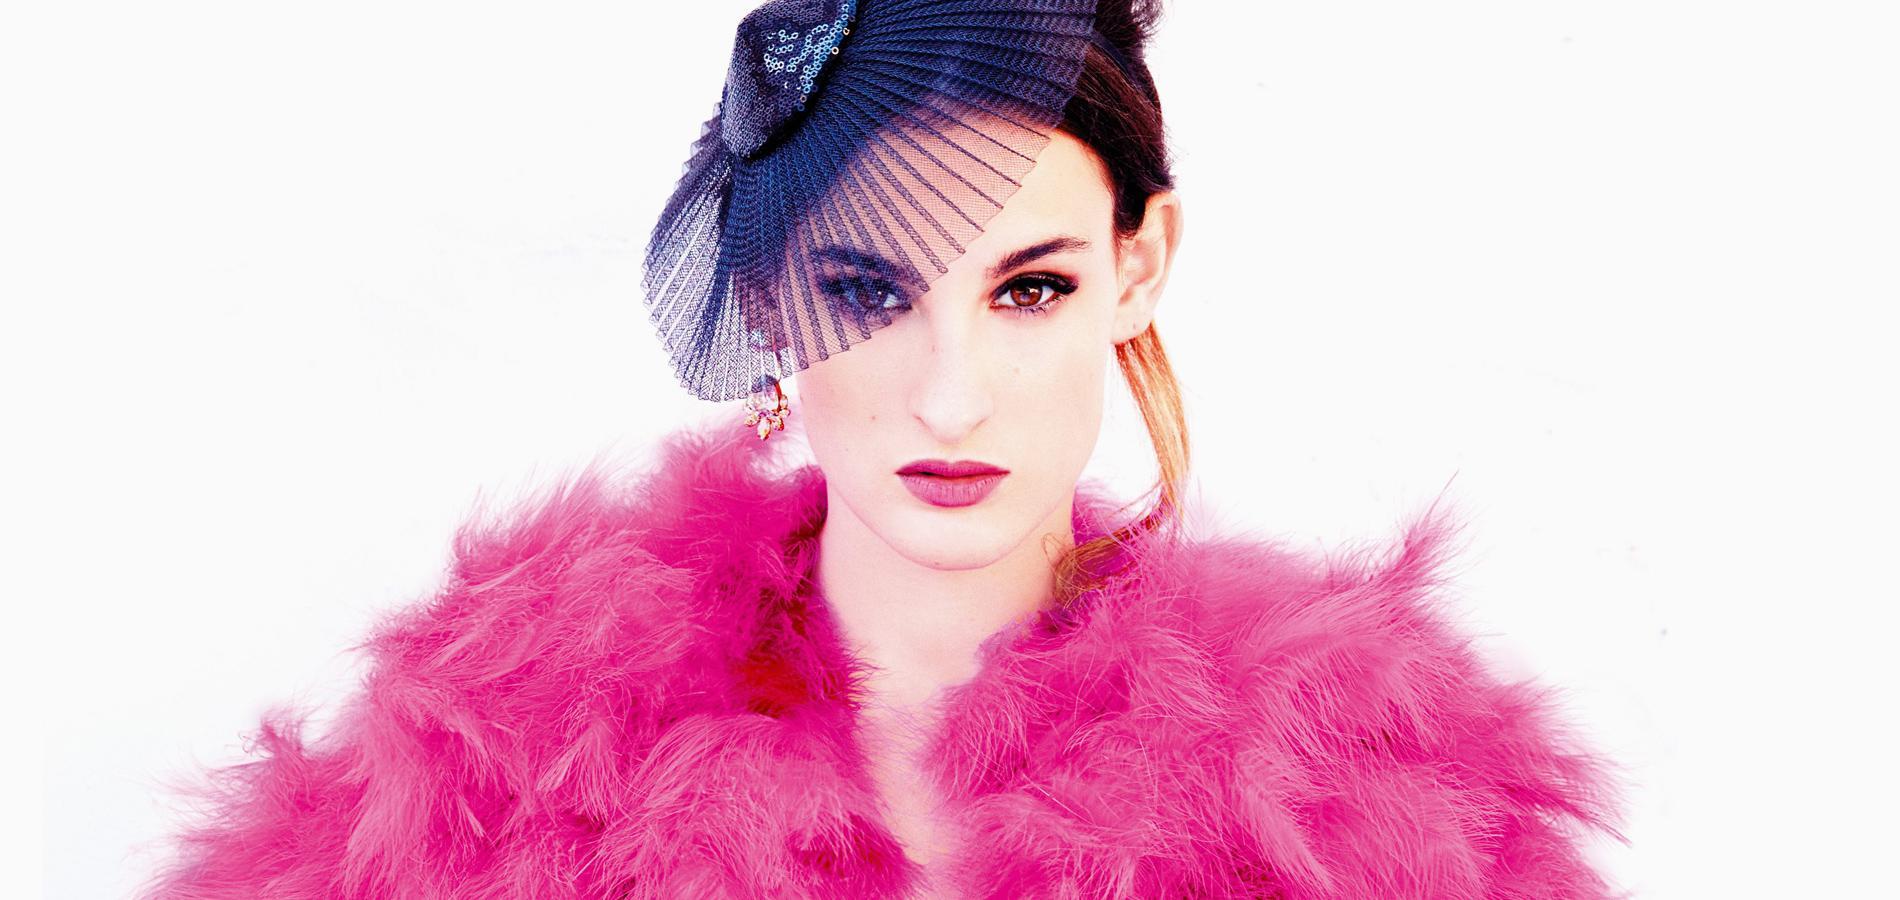 Bien connu Nine d'Urso sublime la haute couture de l'hiver 2015-2016 - JU09